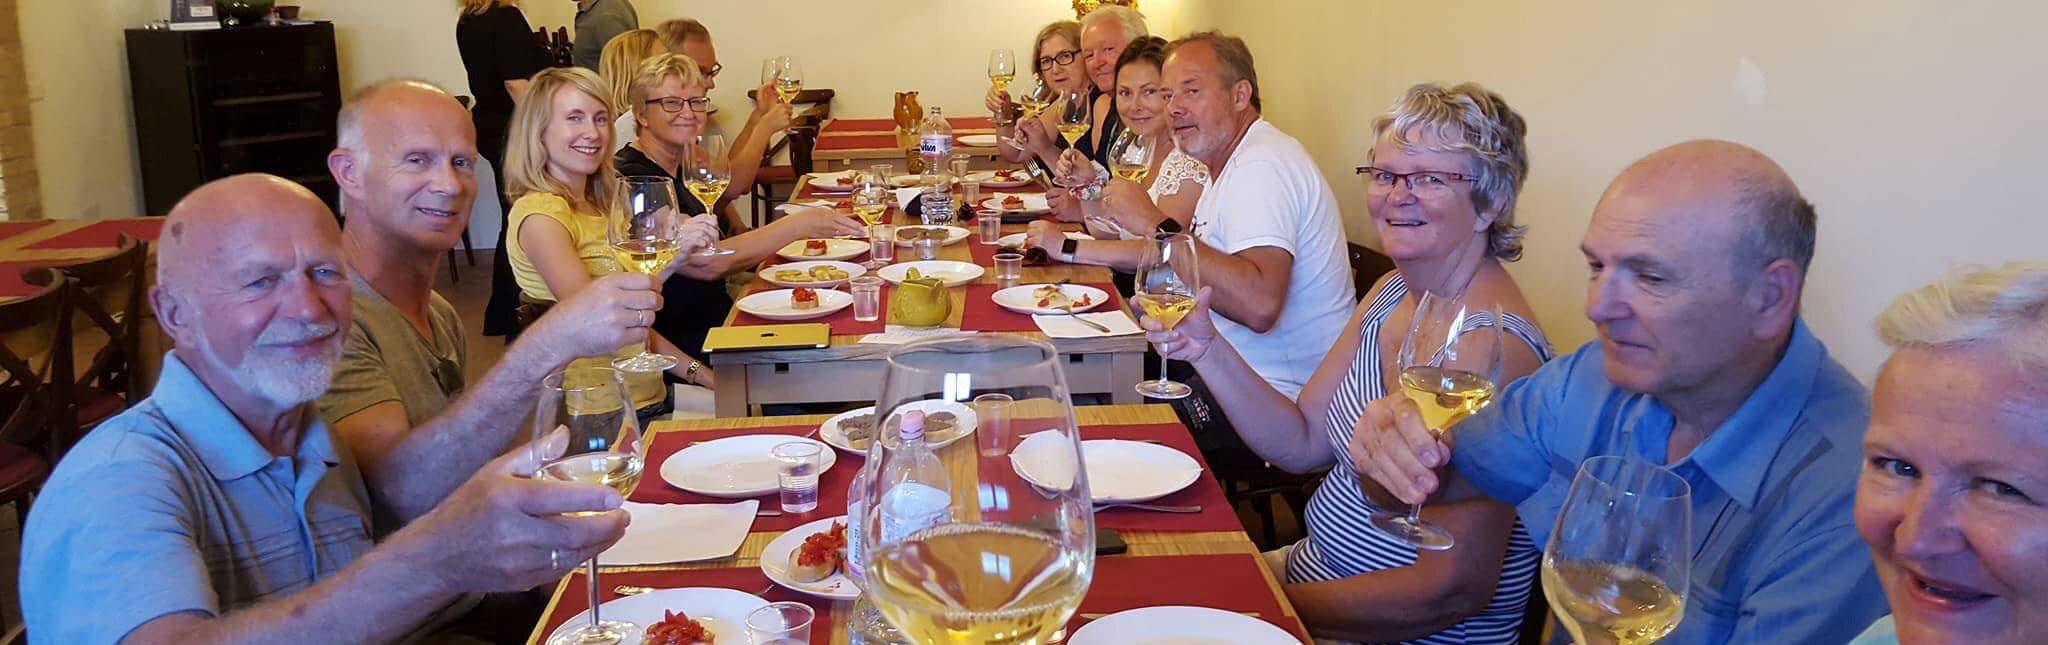 Hyggelig middag på firmatur til Italia